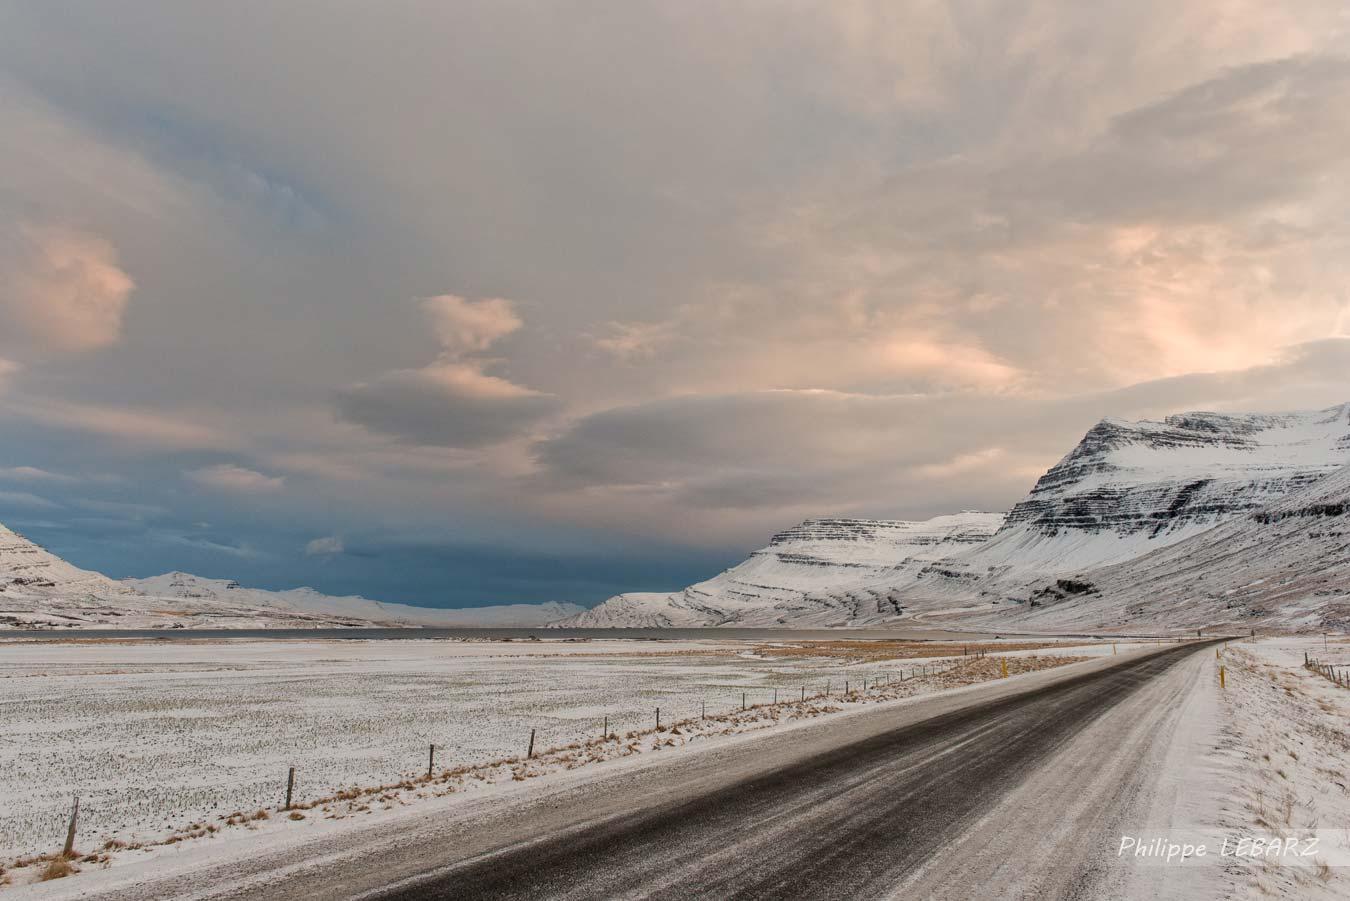 En fin de matinée, la route 96 à l'est de l'Islande à proximité de Reyðarfjörður